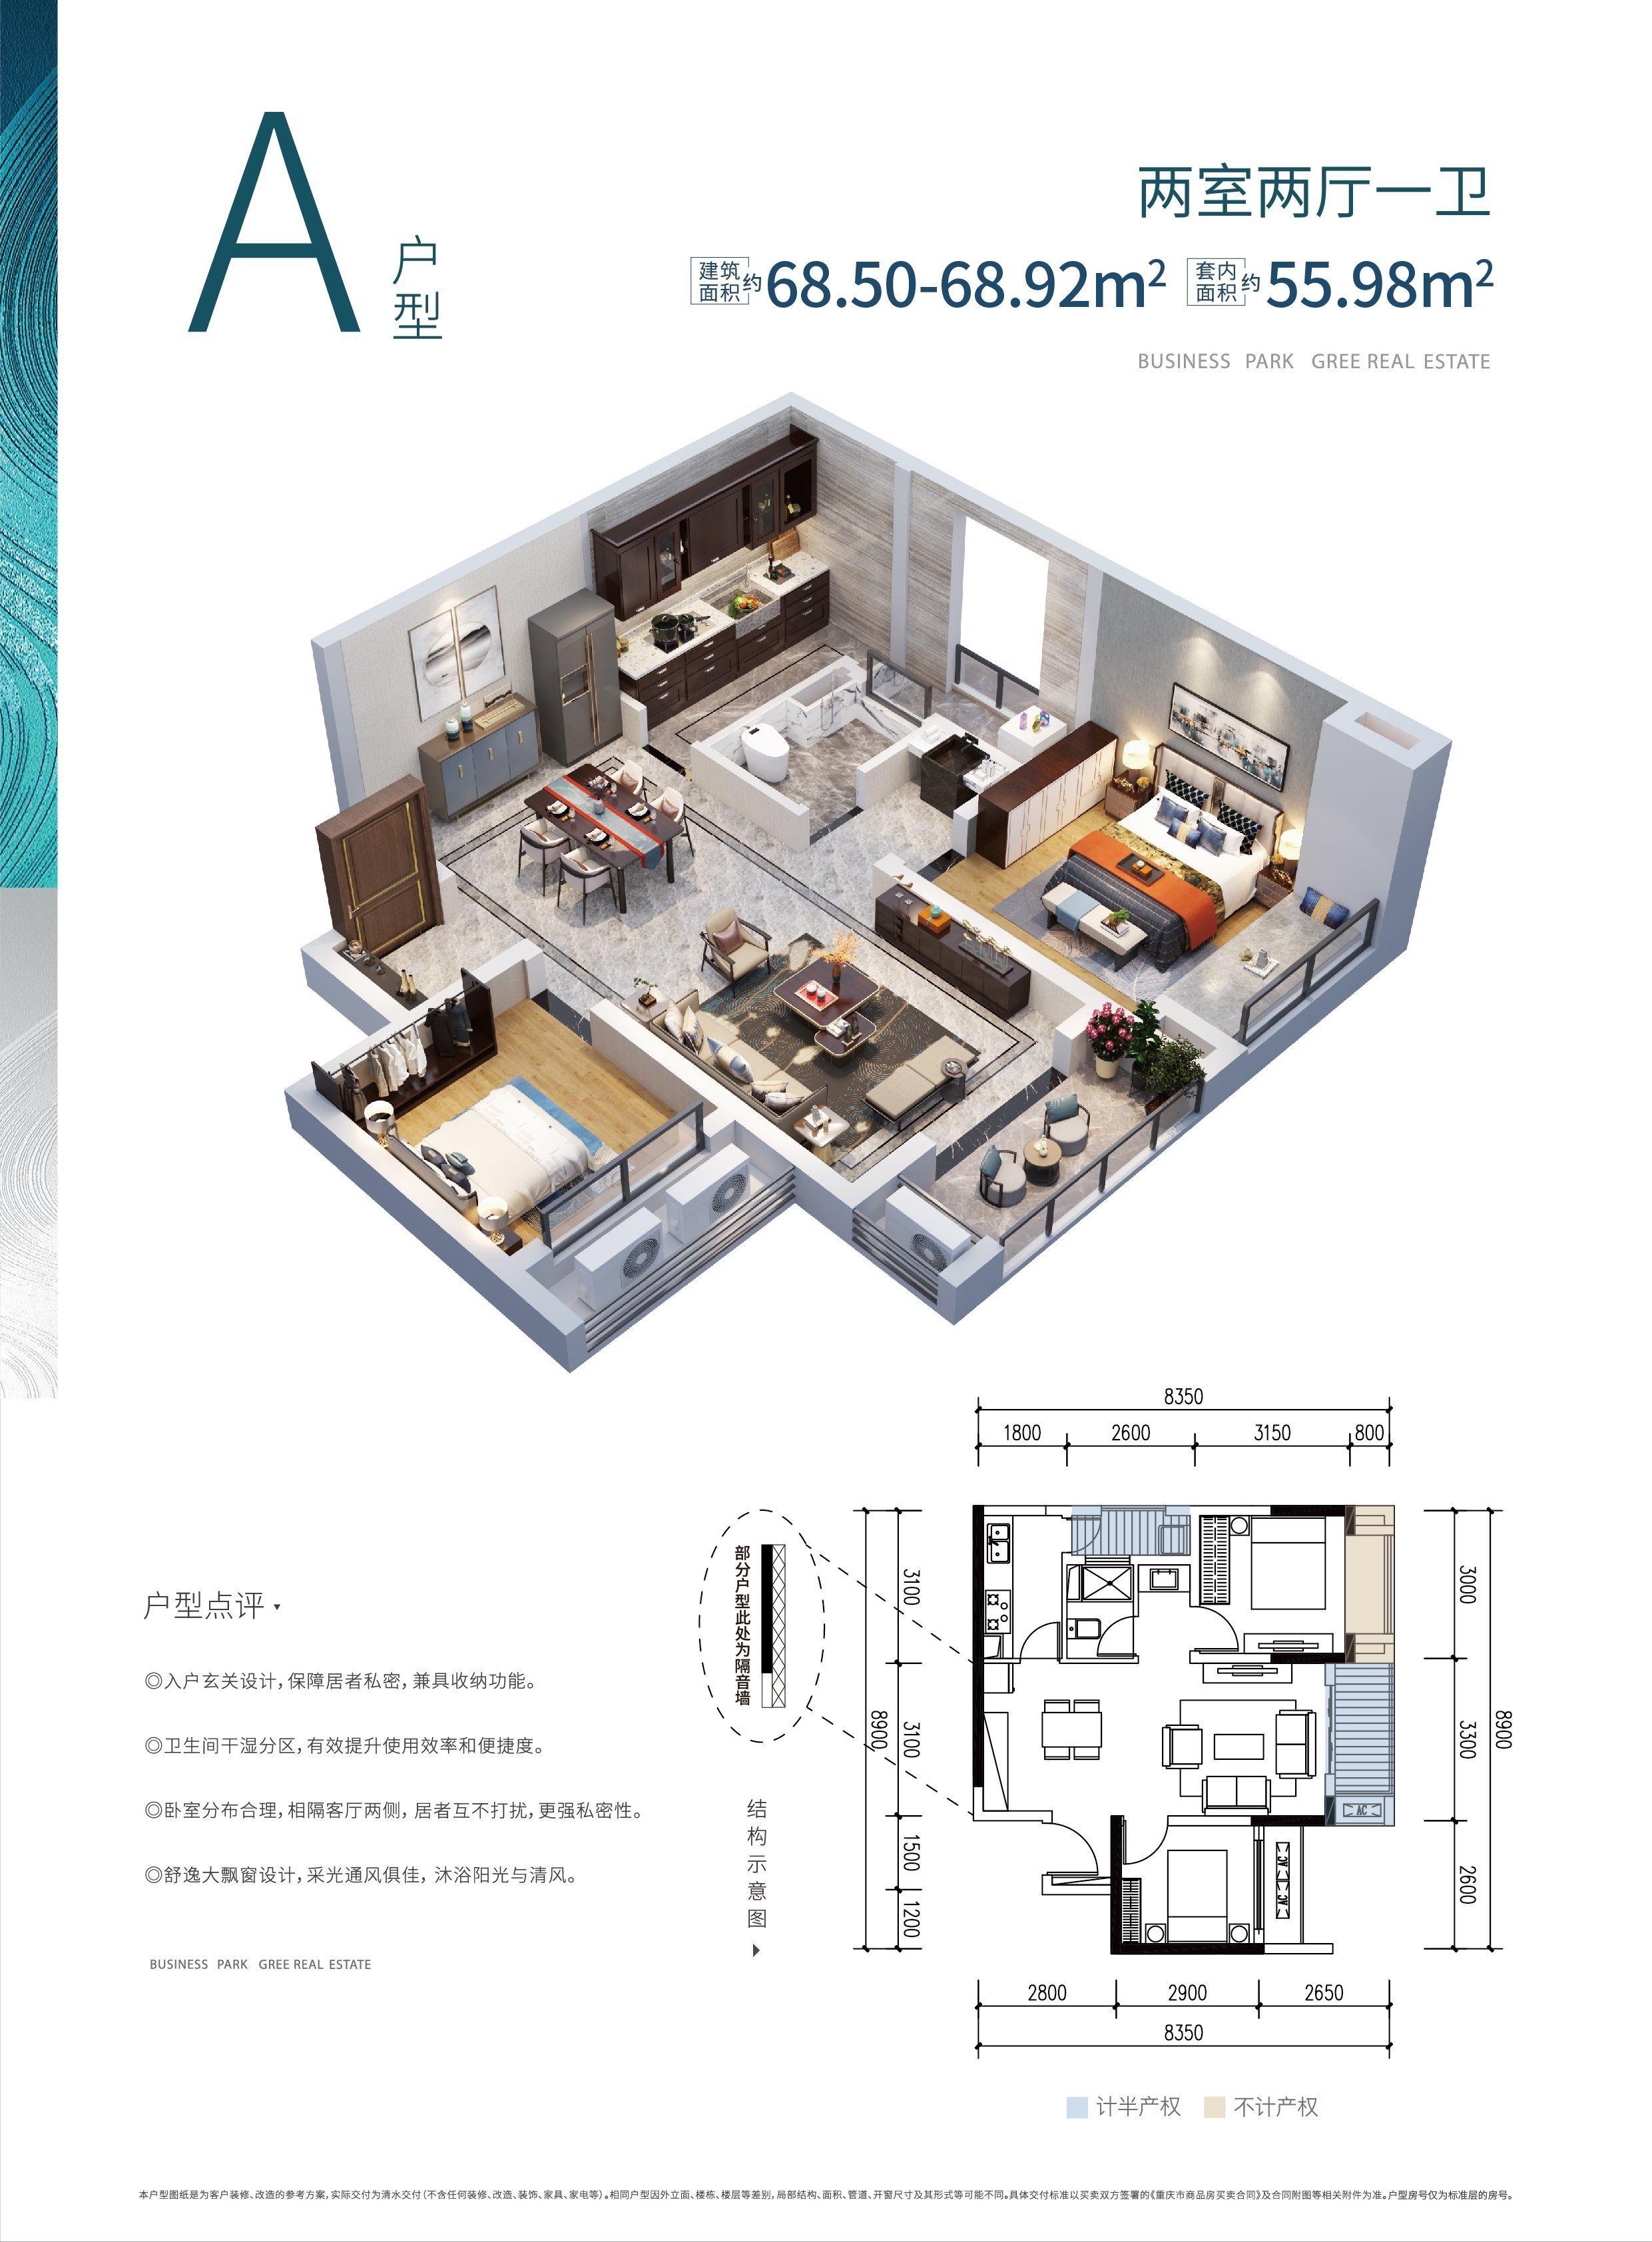 渝北区龙兴格力两江总部公园新房A户型户型图